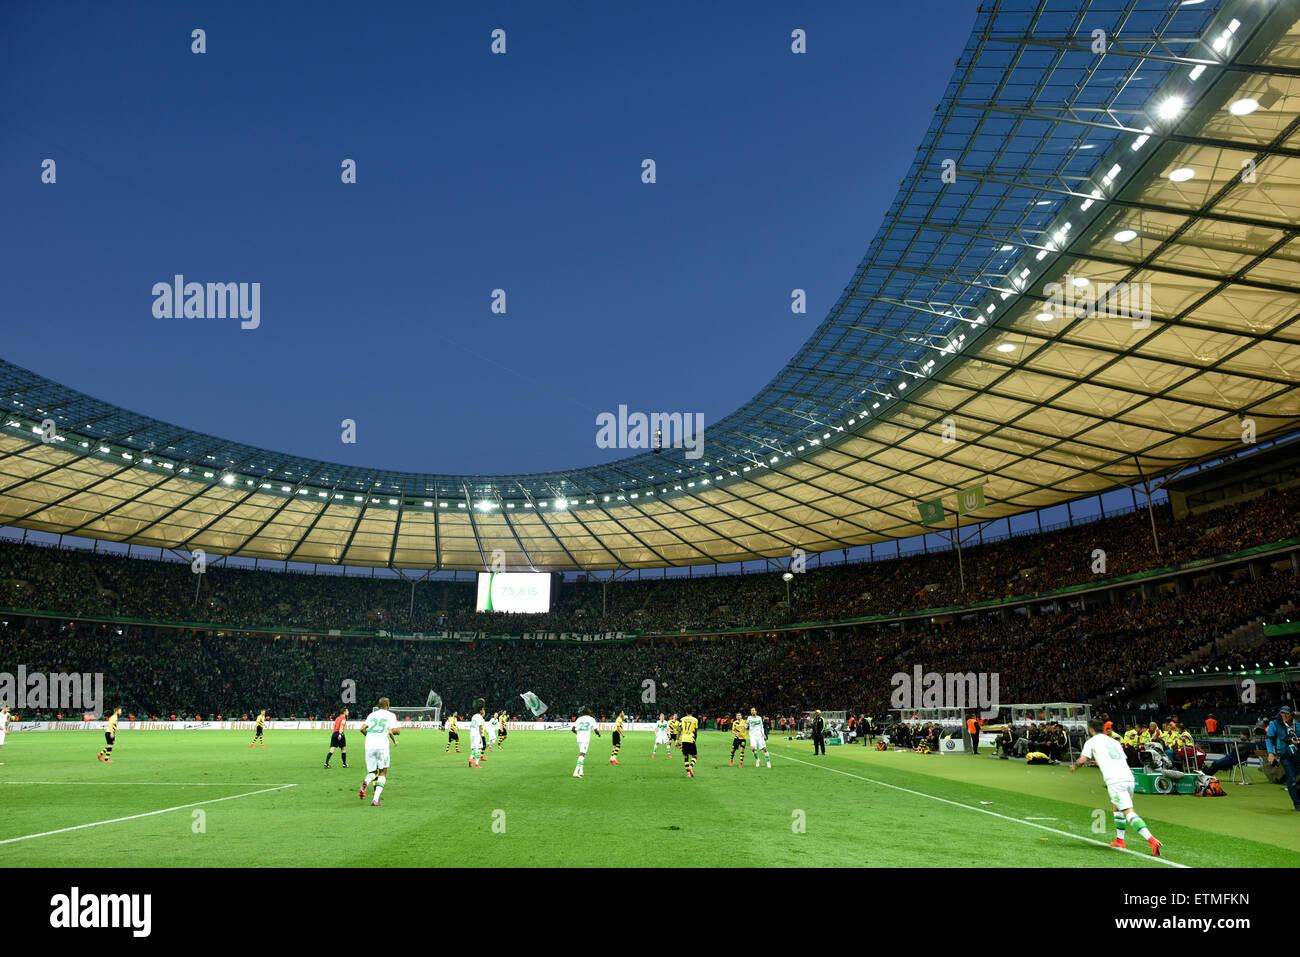 Final de la Copa DFB 2015, Estadio Olímpico en la tarde, Berlín, Alemania Imagen De Stock